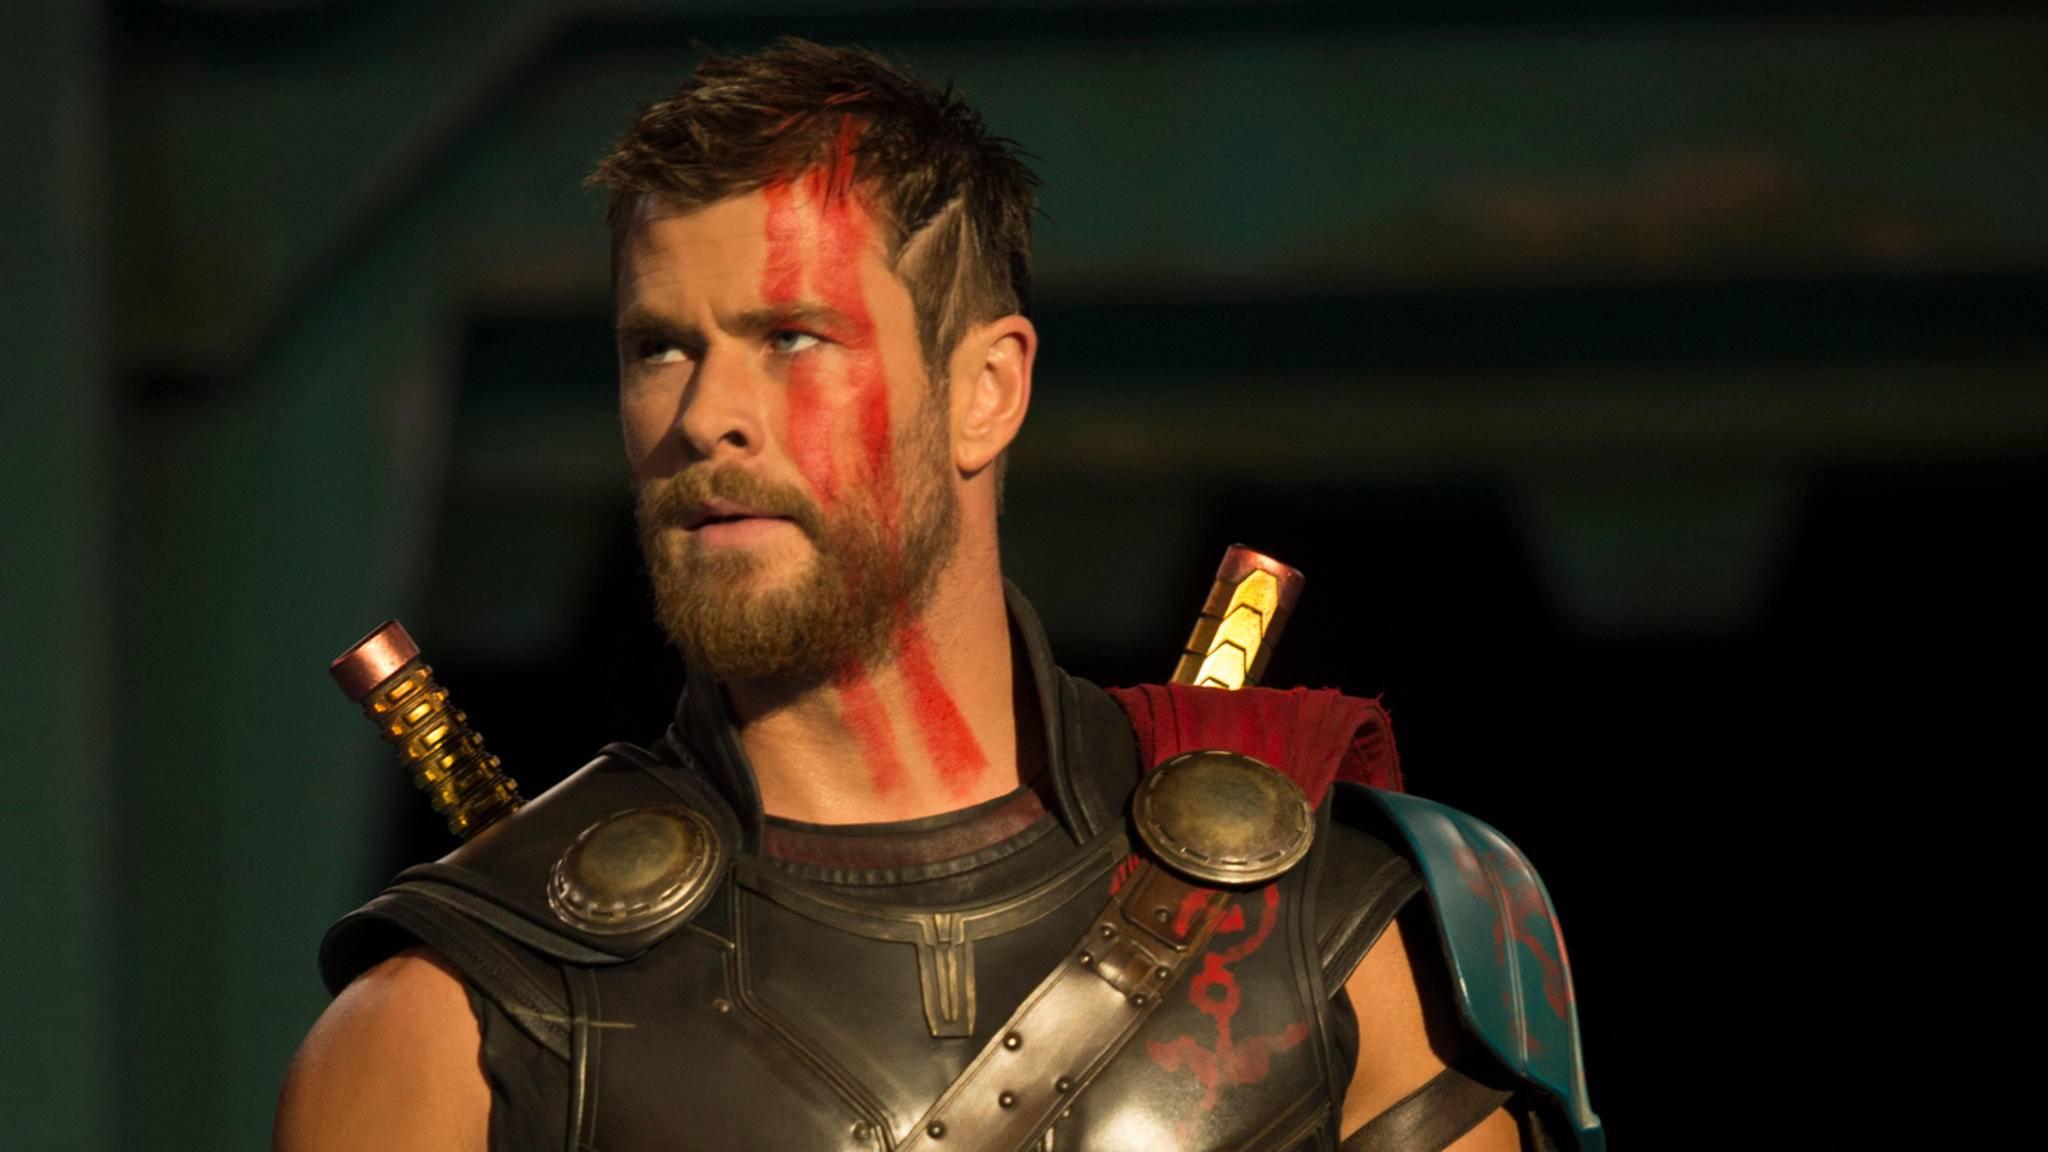 """Ab dem 2. November schlägt Marvels Donnergott in """"Thor: Ragnarok"""" wieder zu."""